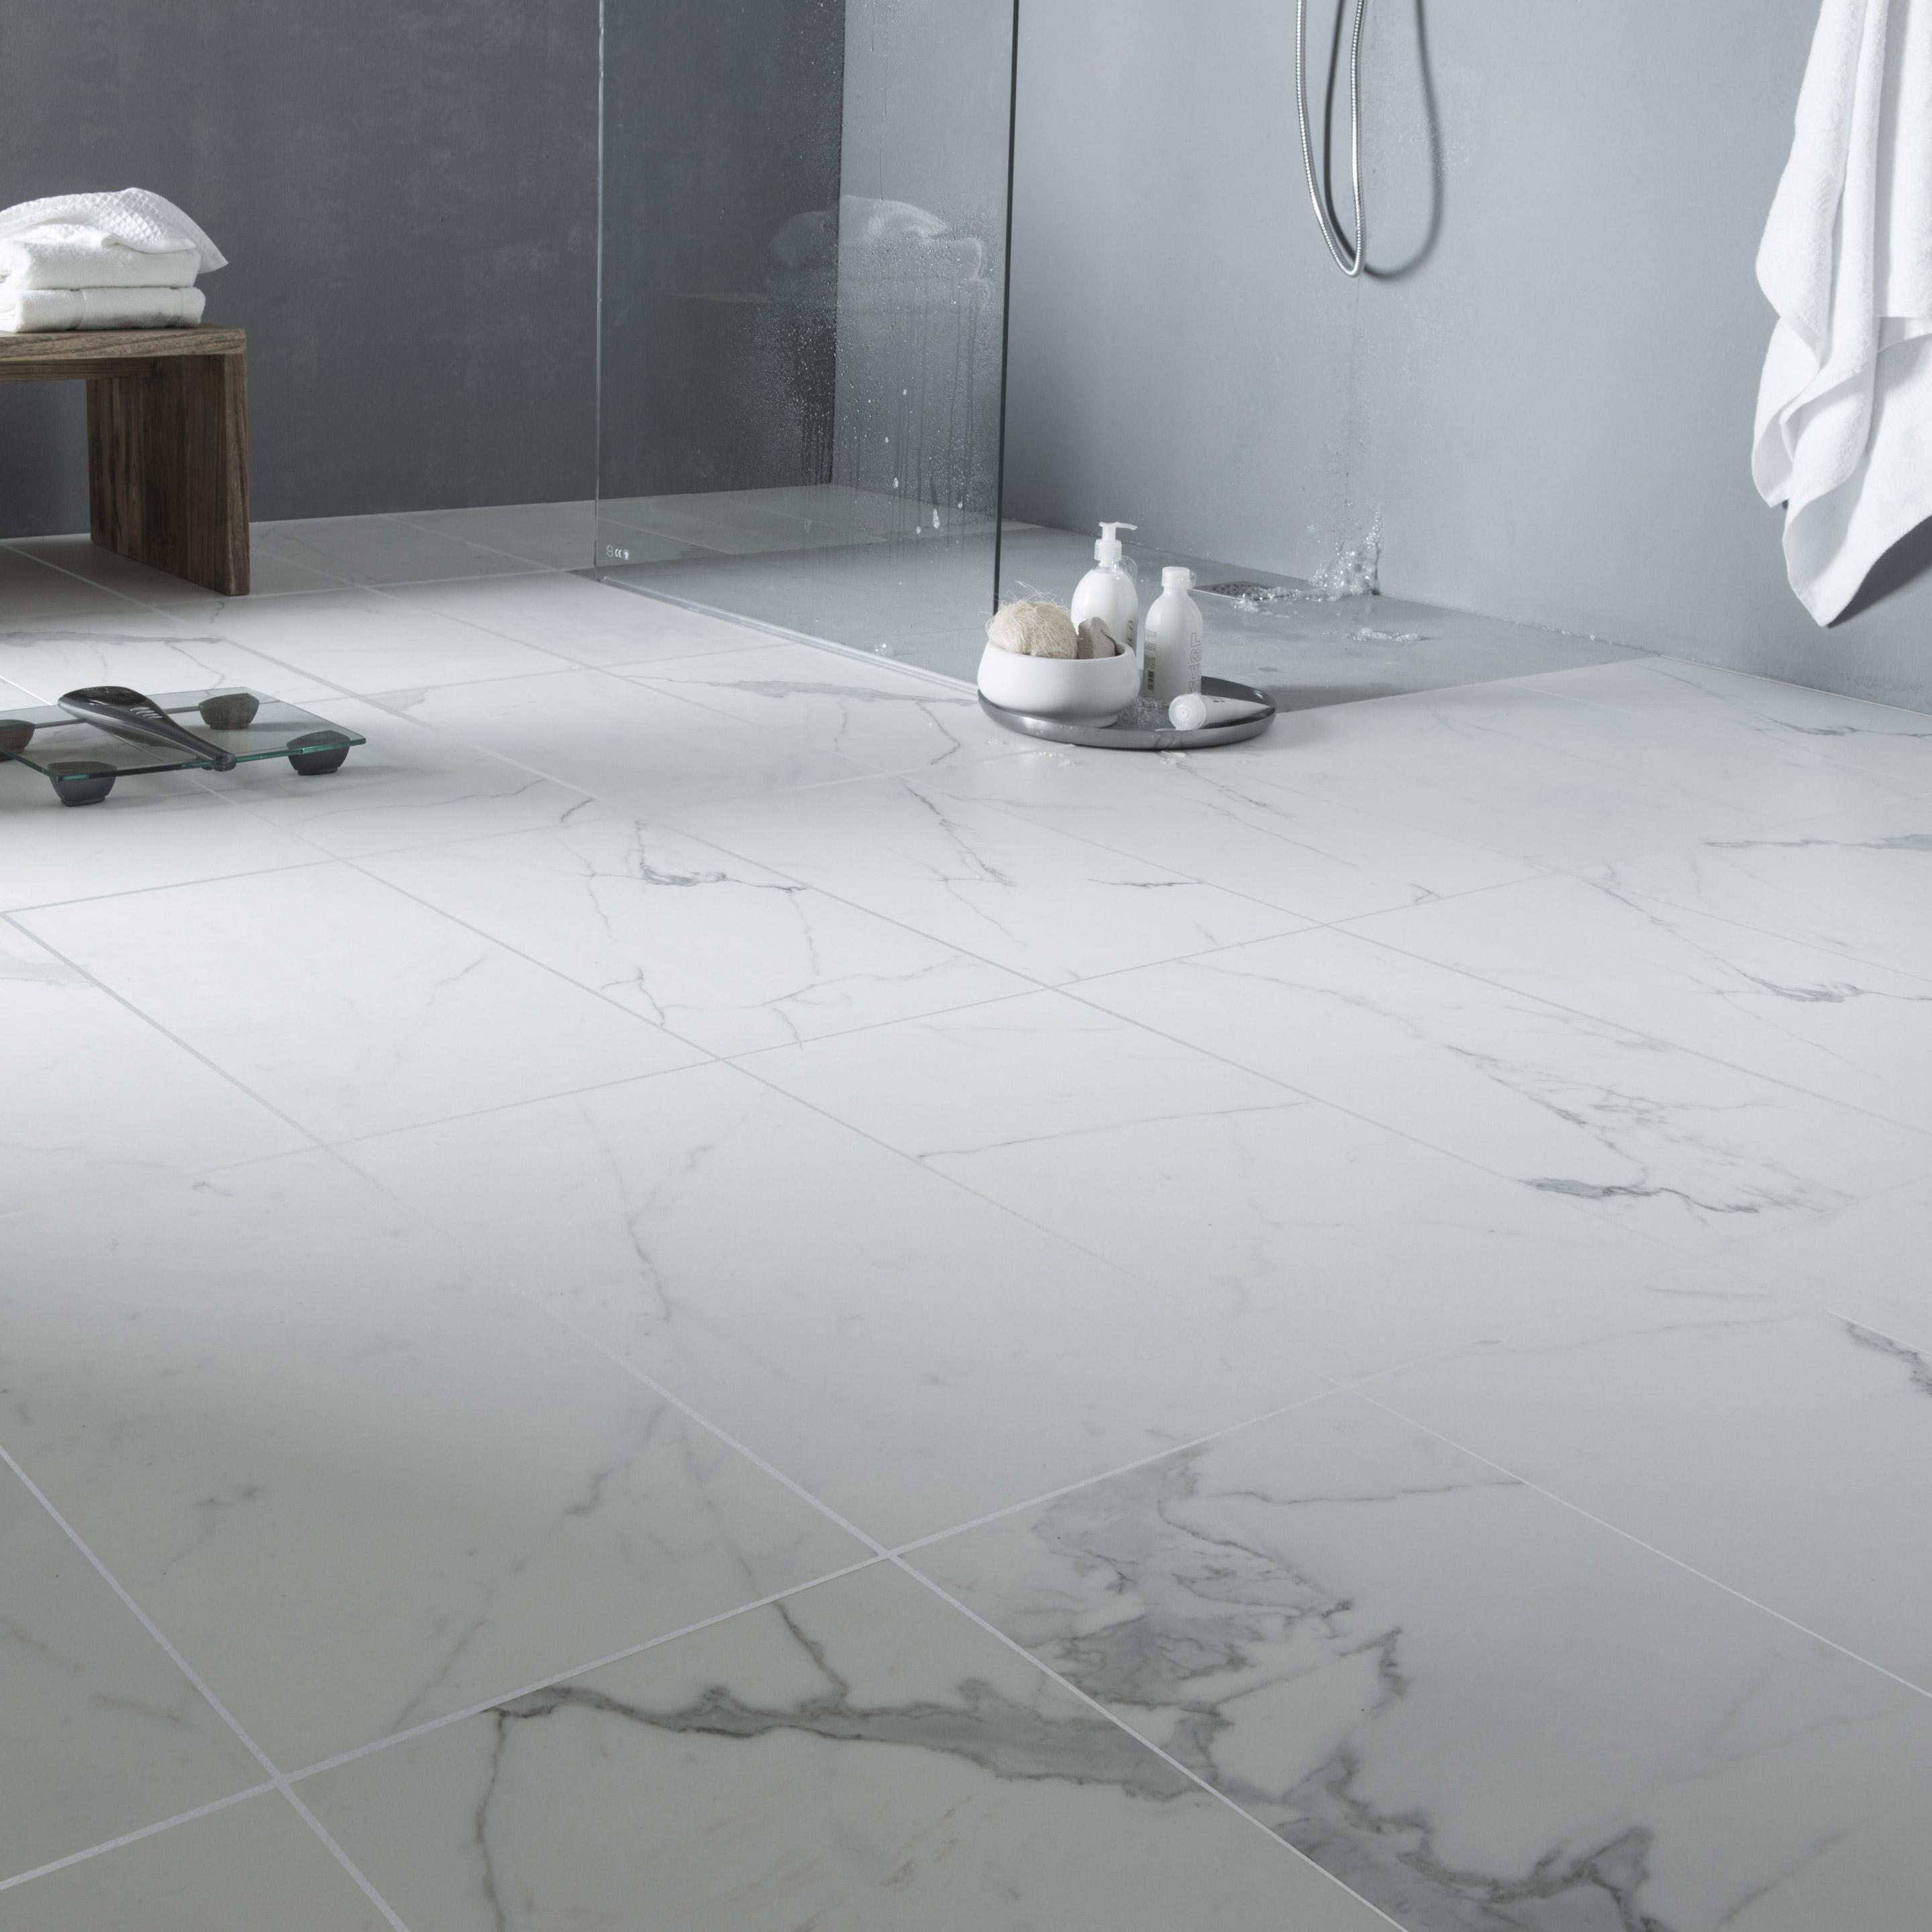 Comment Nettoyer Joint Blanc Carrelage Sol carrelage sol et mur blanc effet marbre rimini l.60 x l.60 cm